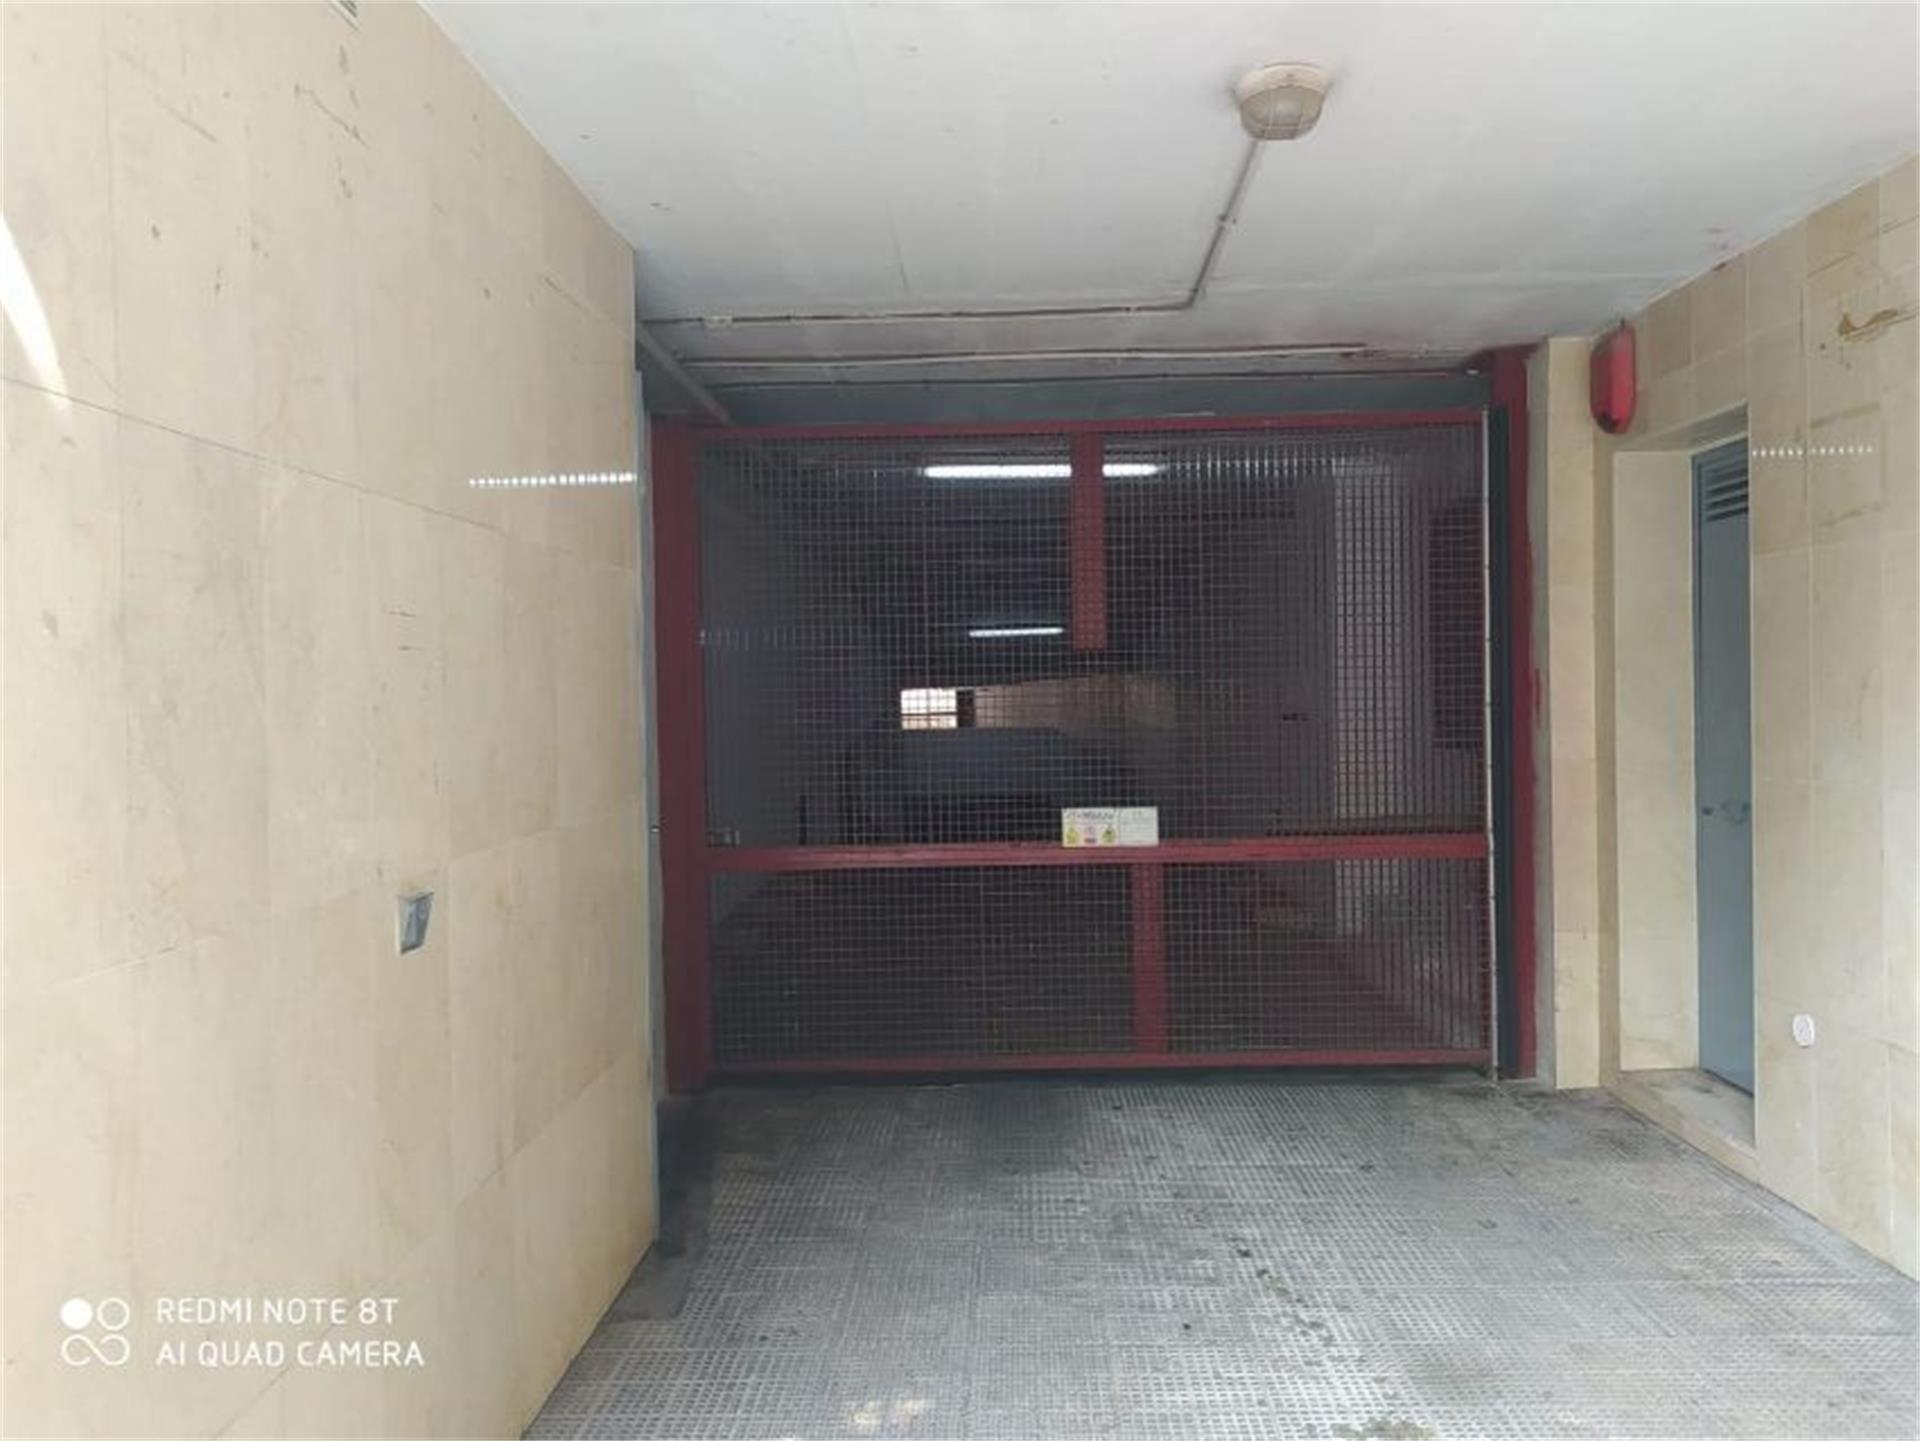 Garaje de alquiler en Avenida Inmaculada Concepción, 11, Arroyo de la Miel (Benalmádena, Málaga)